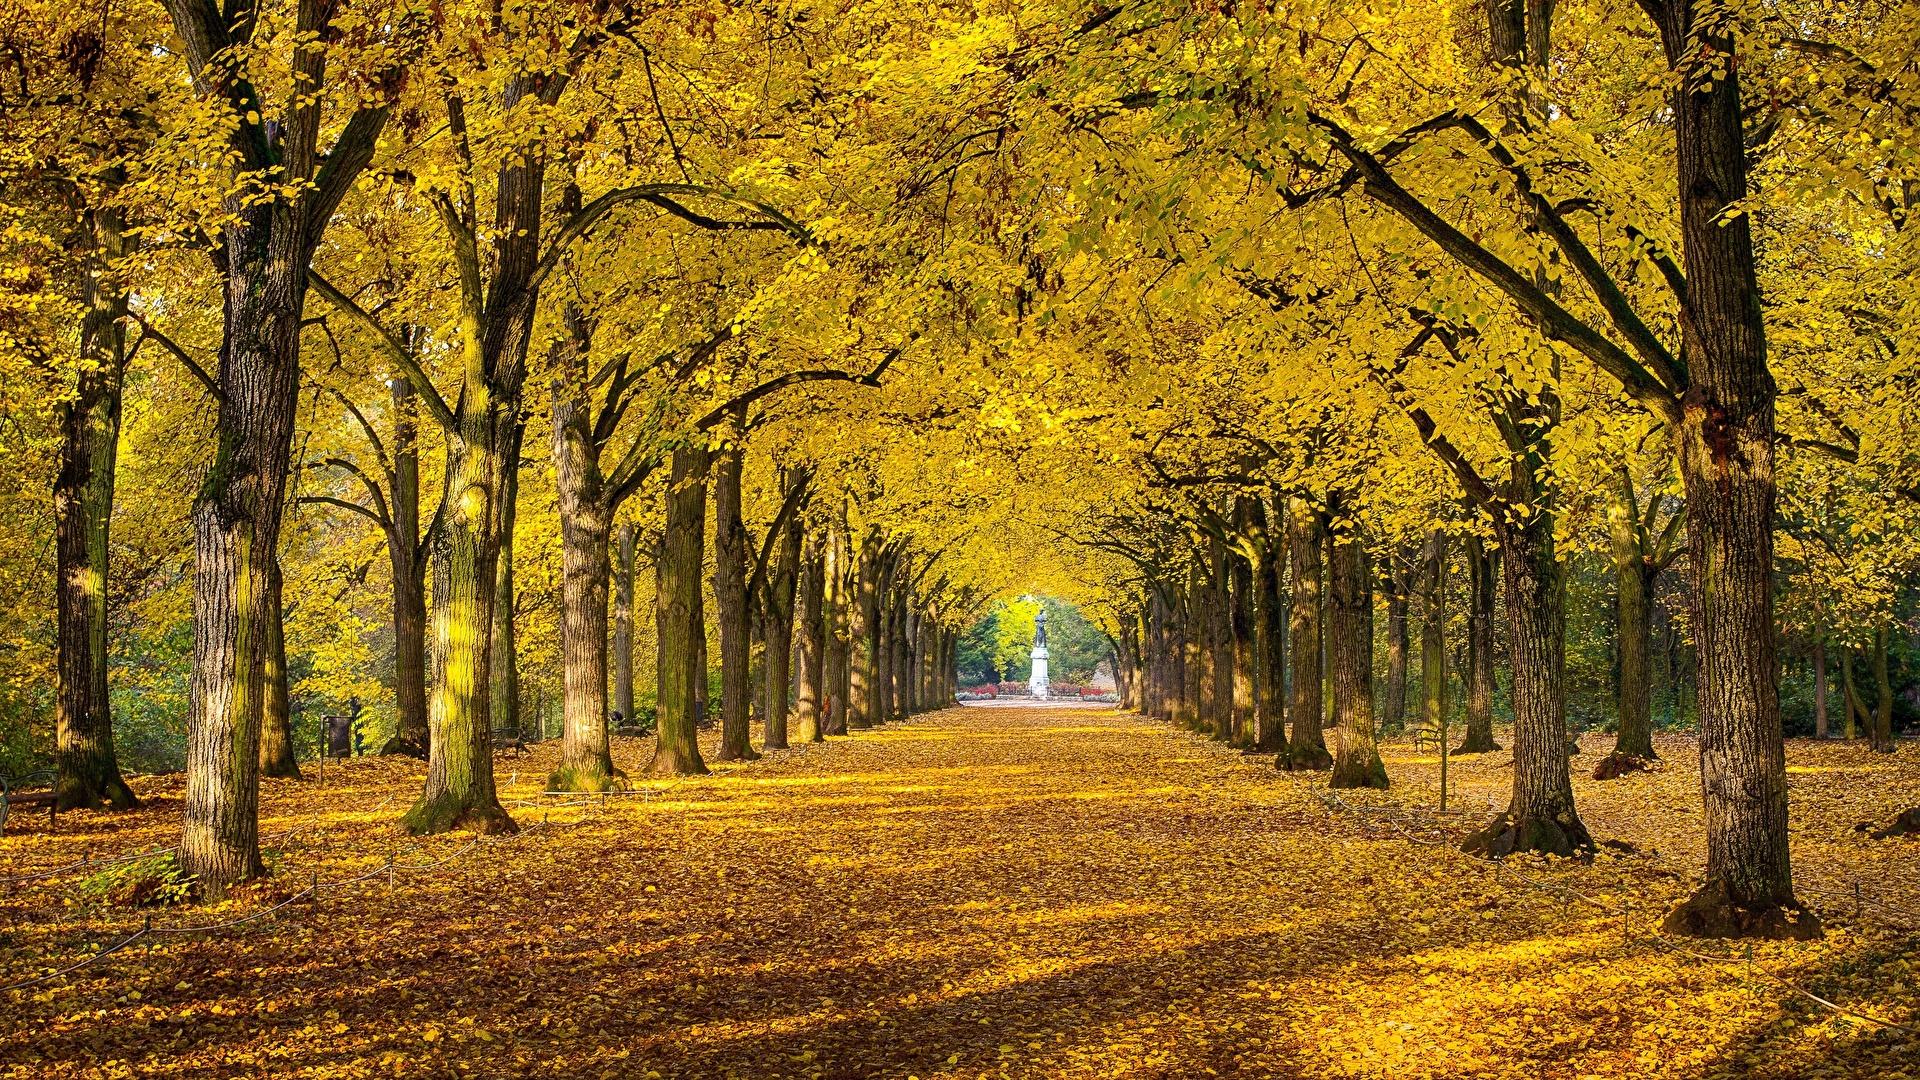 壁紙 19x1080 秋 公園 木 木の葉 小路 自然 ダウンロード 写真